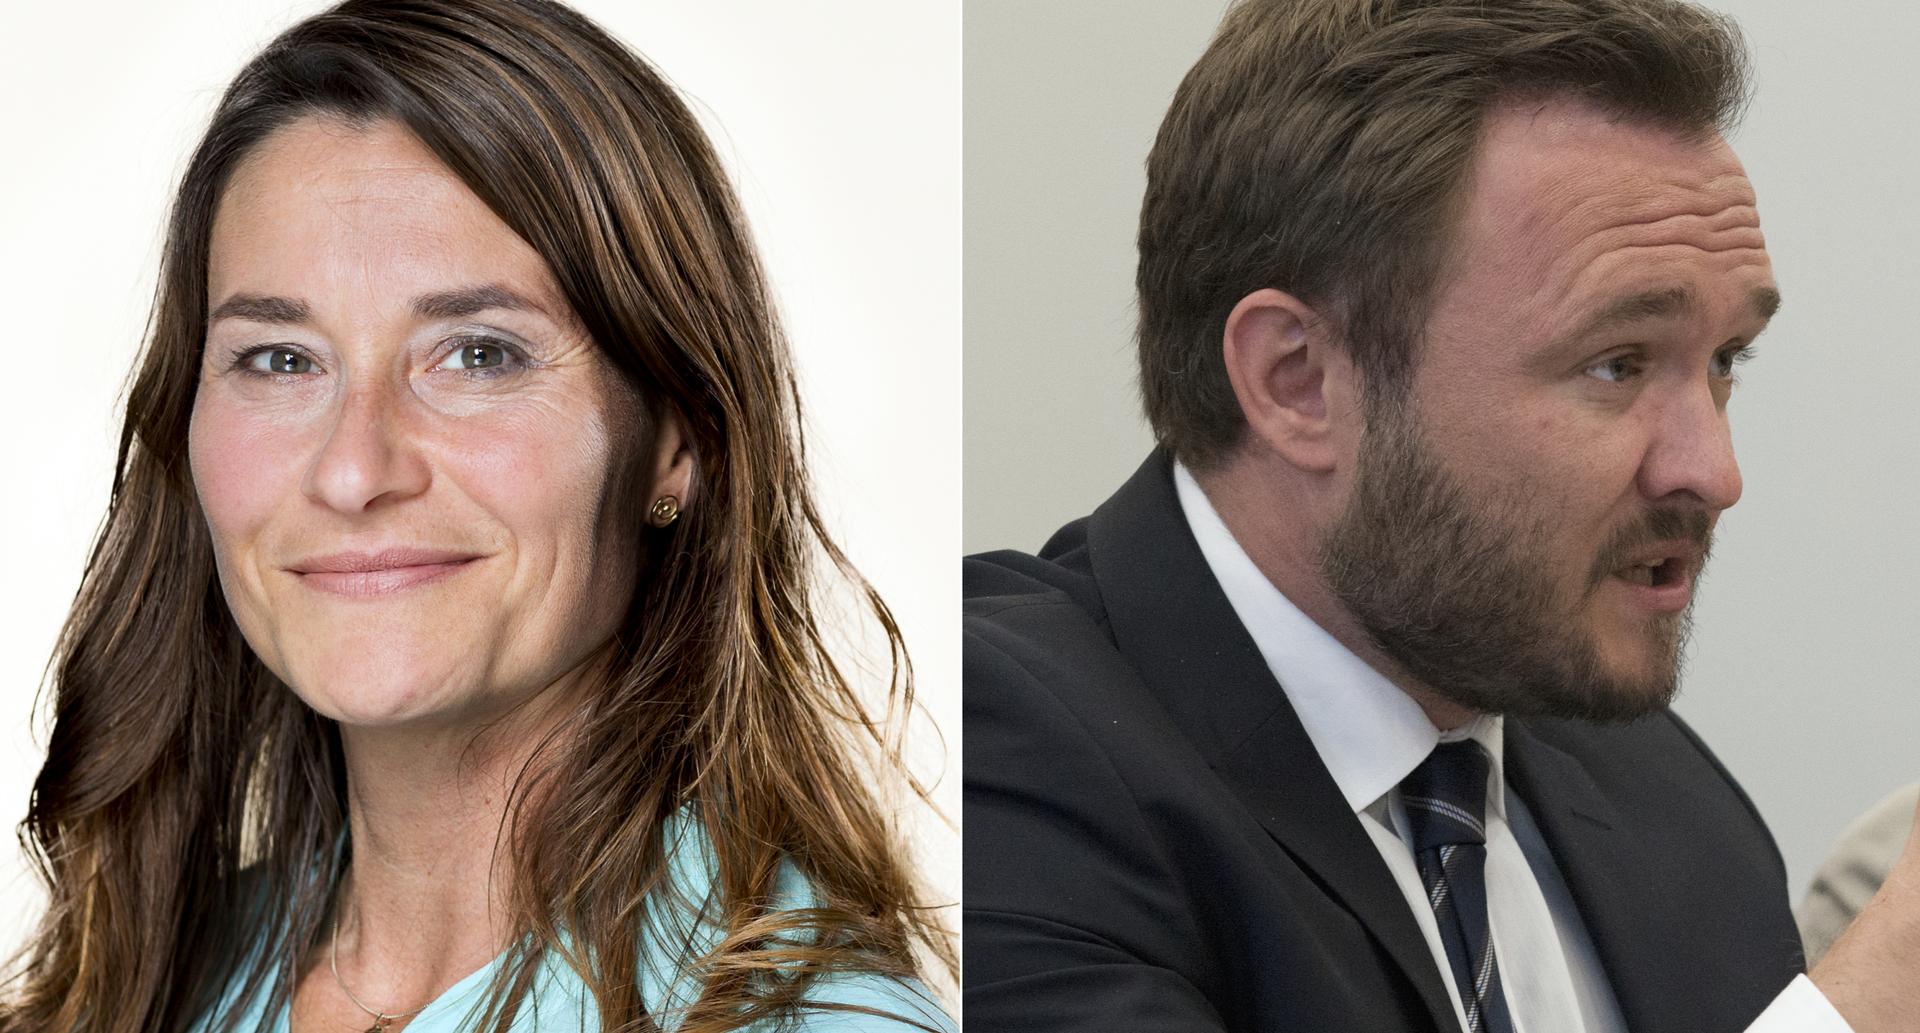 Carolina Maier: Socialdemokraternes nye friskoleforslag er usympatisk, konventionsstridigt, udokumenteret og dobbeltmoralsk